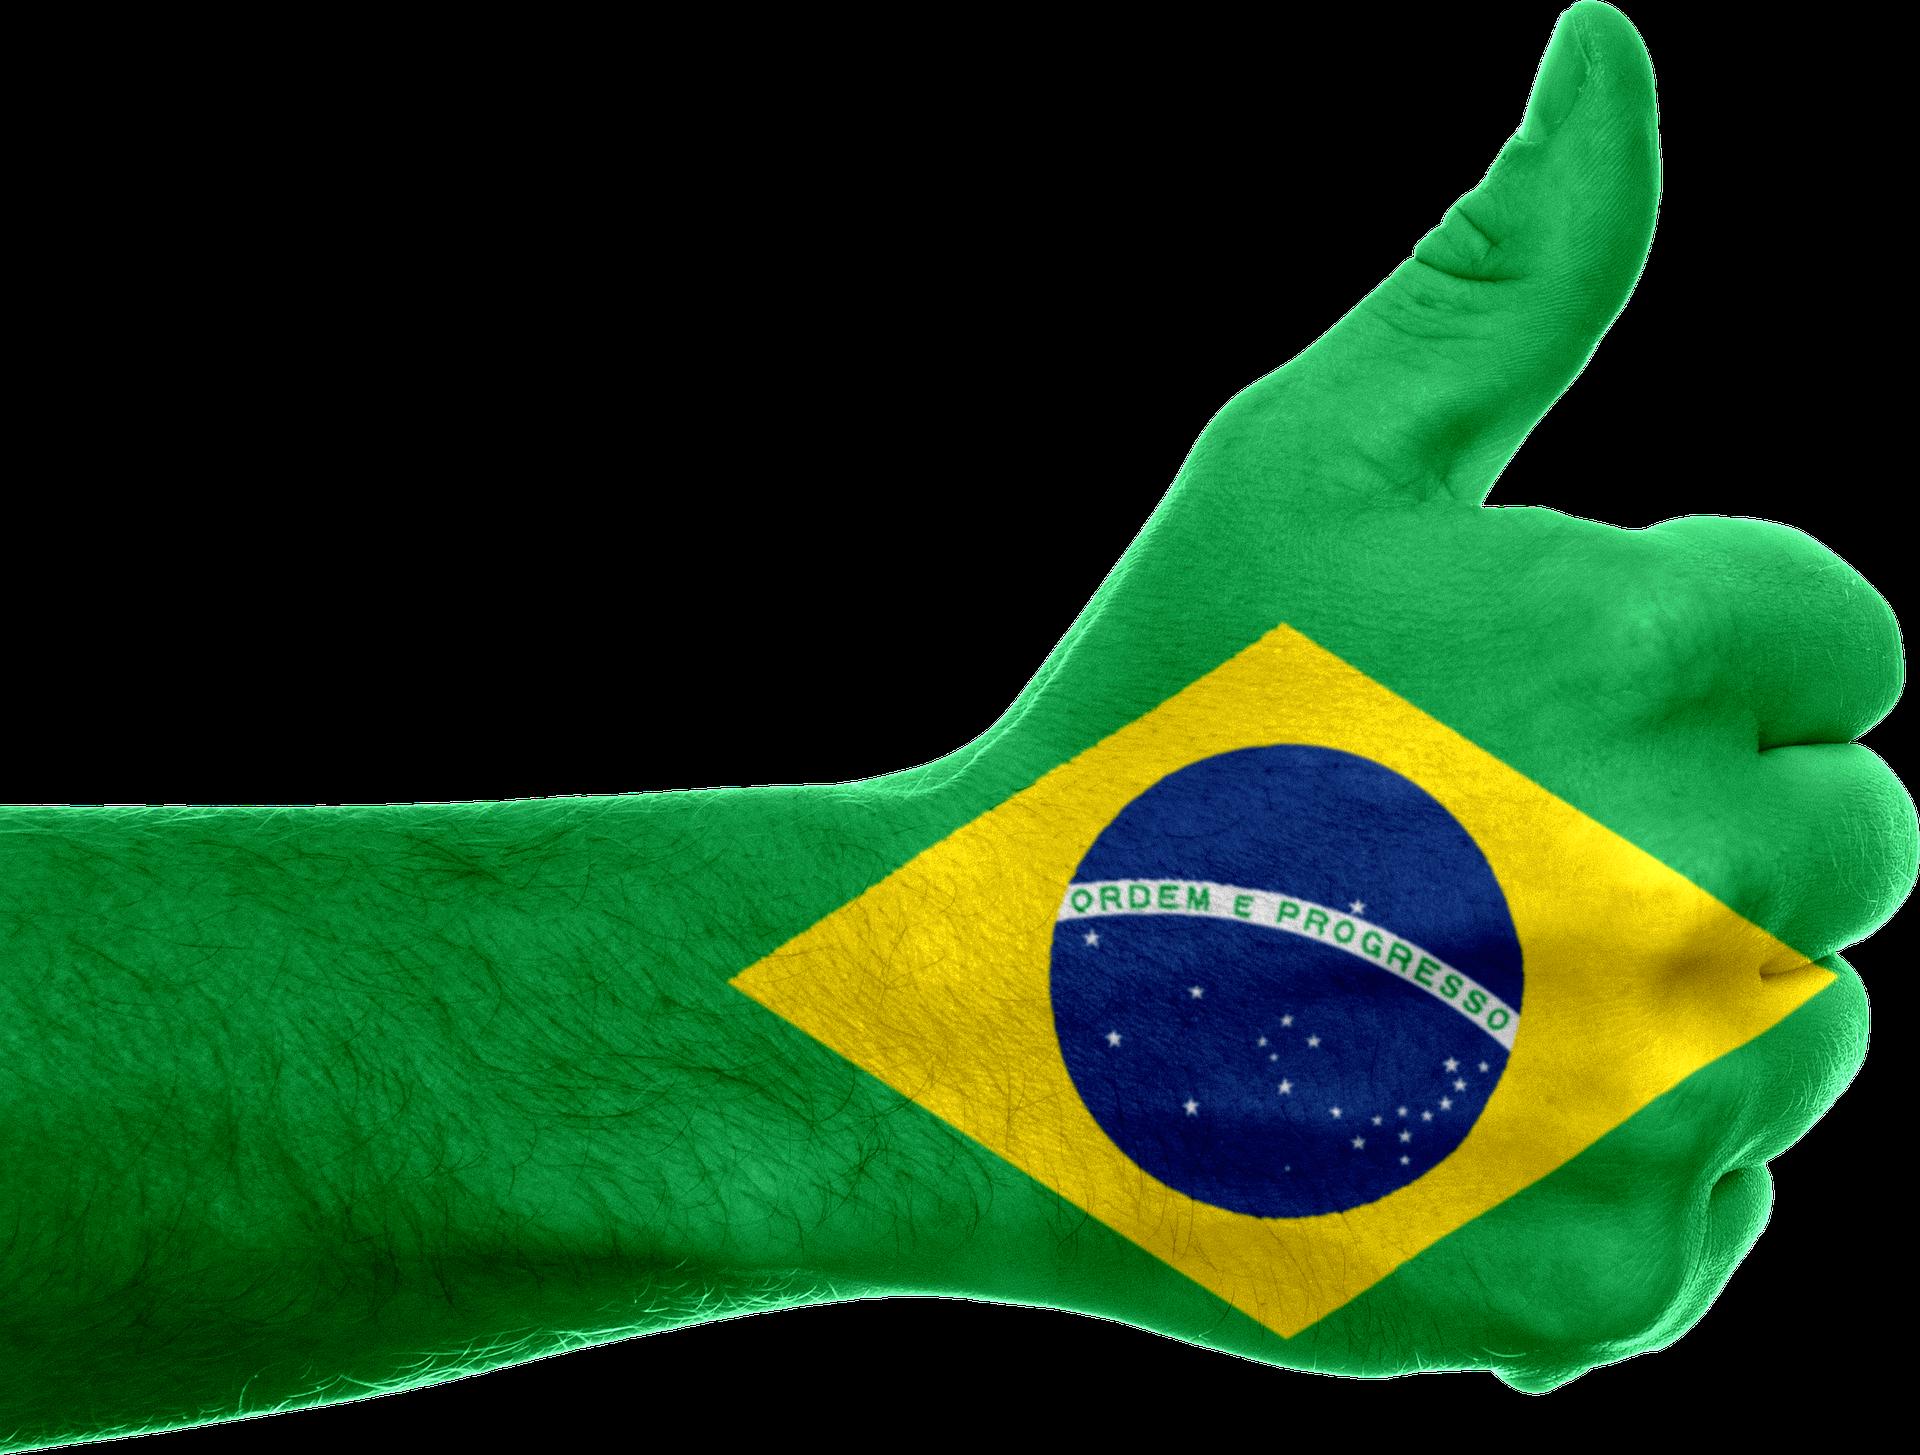 """""""""""Nenhum dos dois lados quer um Brasil melhor. Ambos os lados só querem estar certos. País egoísta com cidadãos mimados. Este é o nosso resumo"""", declarou. (Foto: Pixabay)Nenhum dos dois lados quer um Brasil melhor. Ambos os lados só querem estar certos. País egoísta com cidadãos mimados. Este é o nosso resumo"""", declarou. (Foto: Pixabay)"""